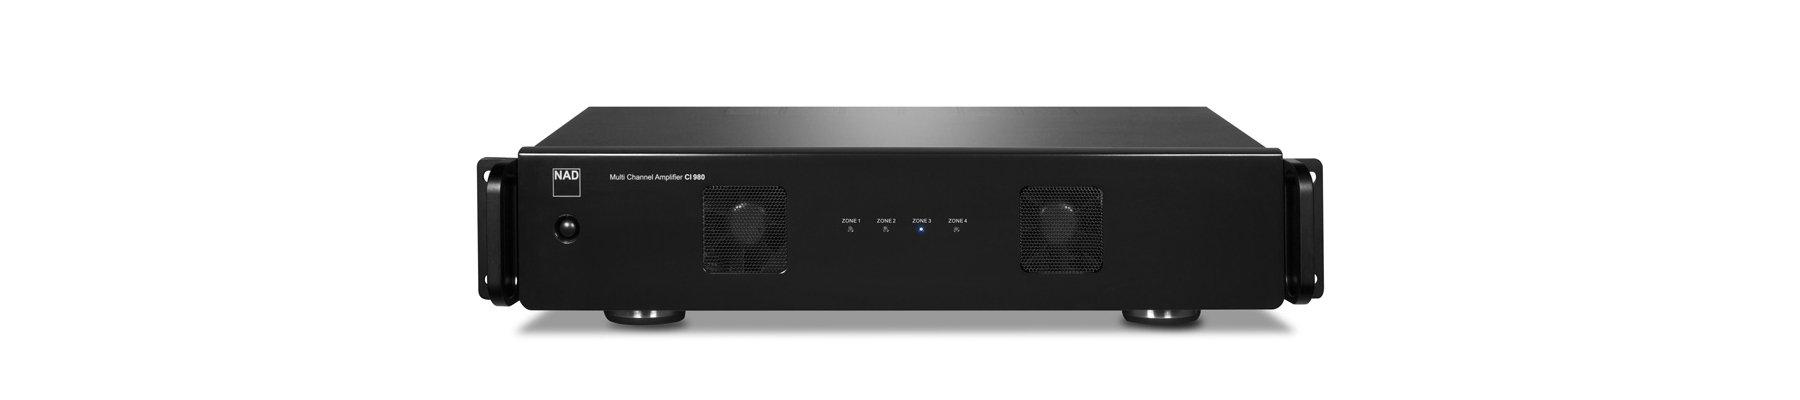 NAD CI980 8-Kanal Endverstärker